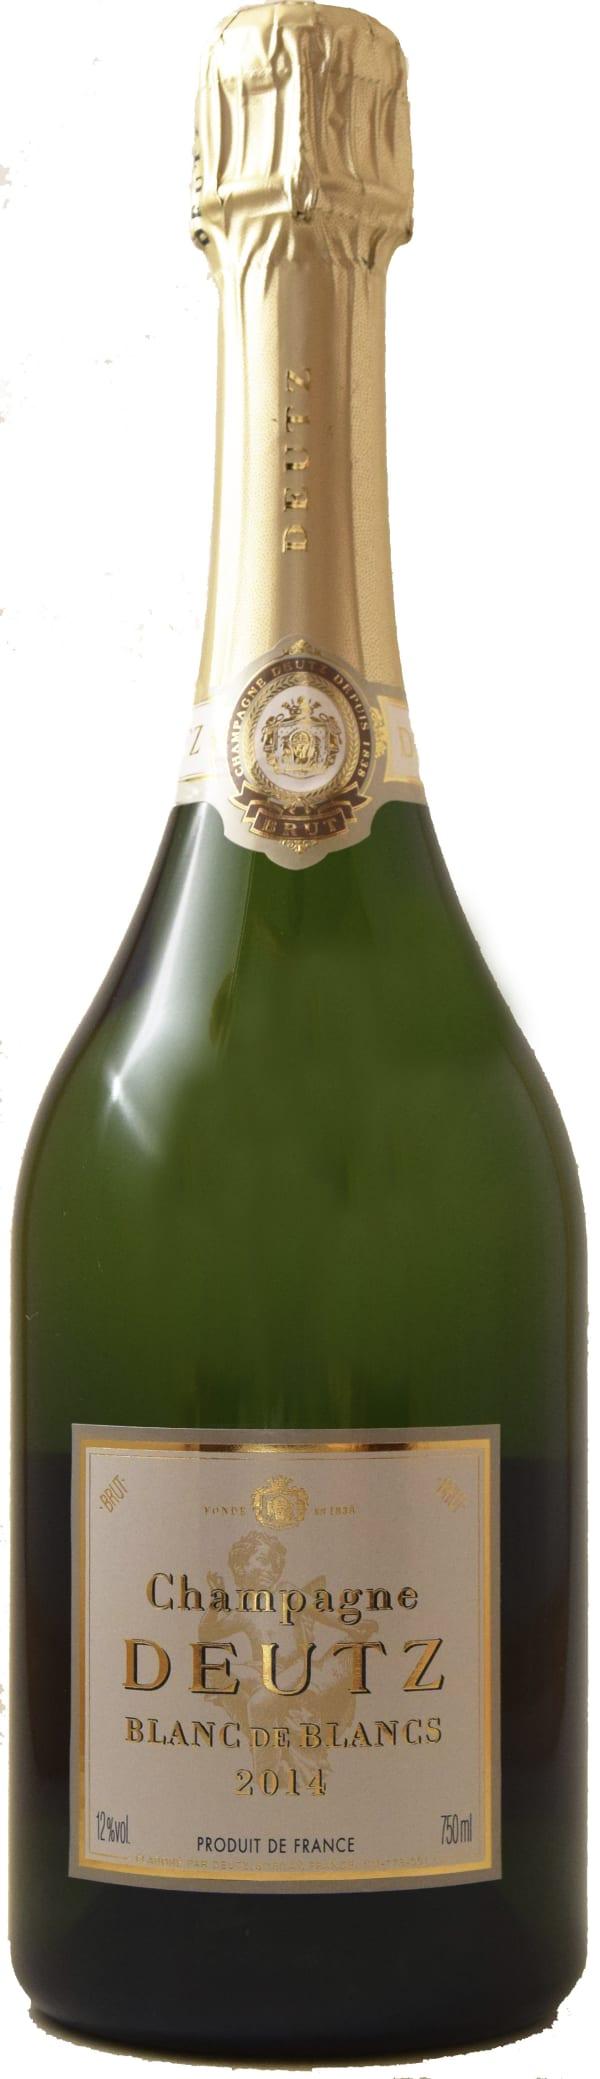 Deutz Blanc de Blancs Champagne Brut 2015